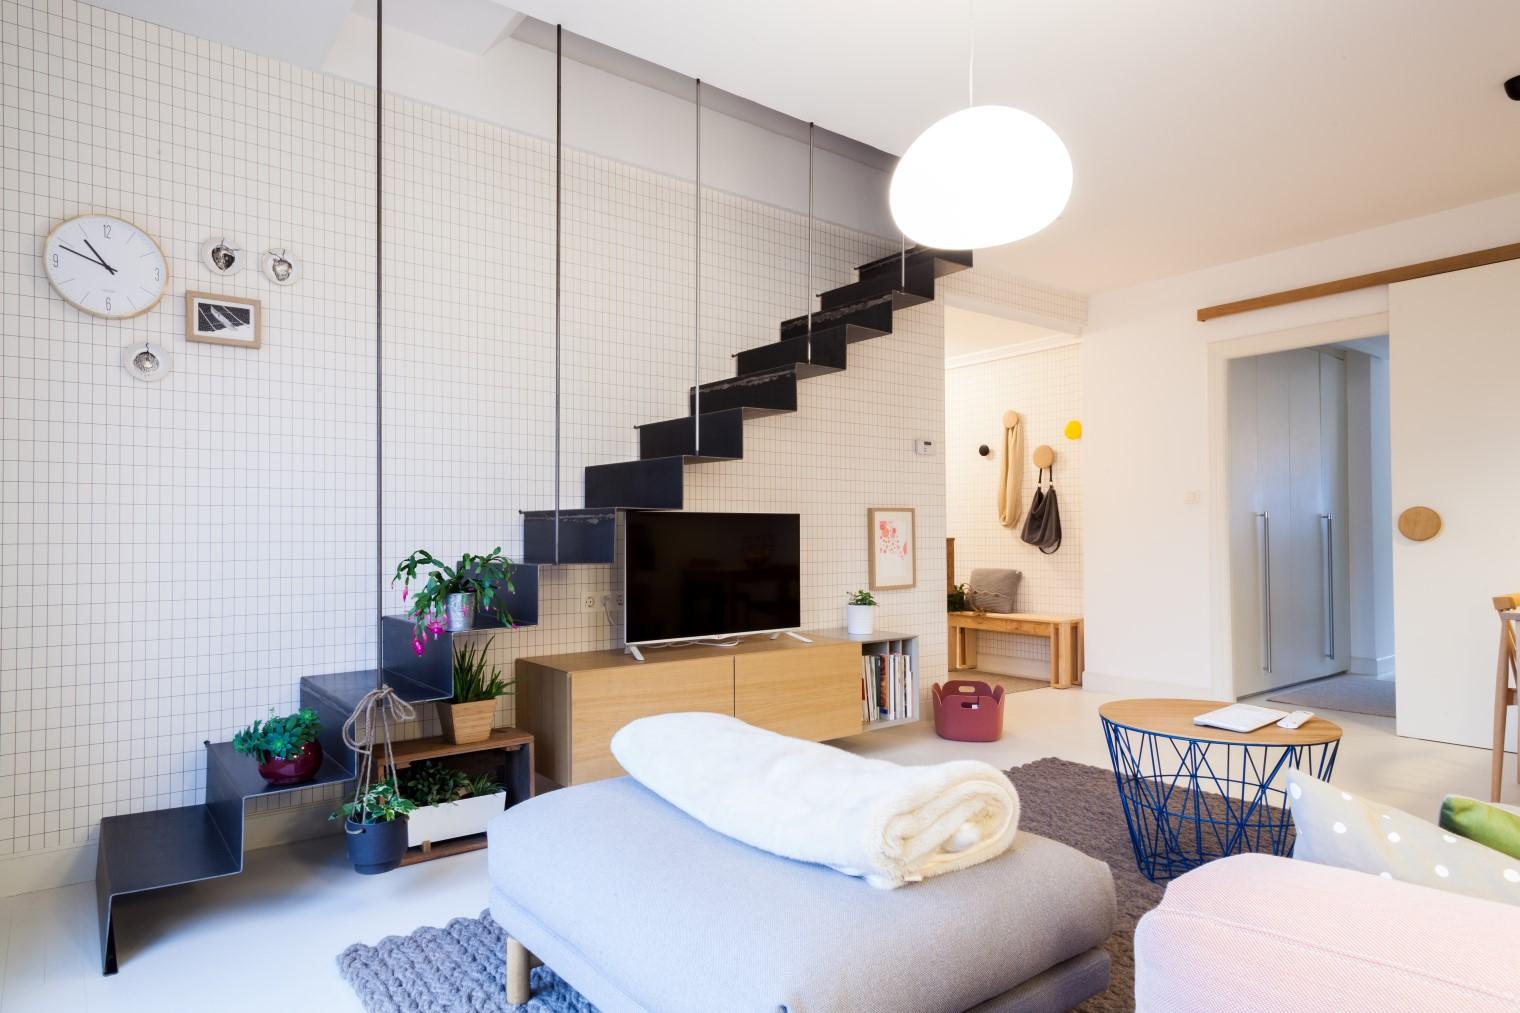 Casa itxaso una vivienda en durango femenina joven y for Decoracion apartamentos 2016